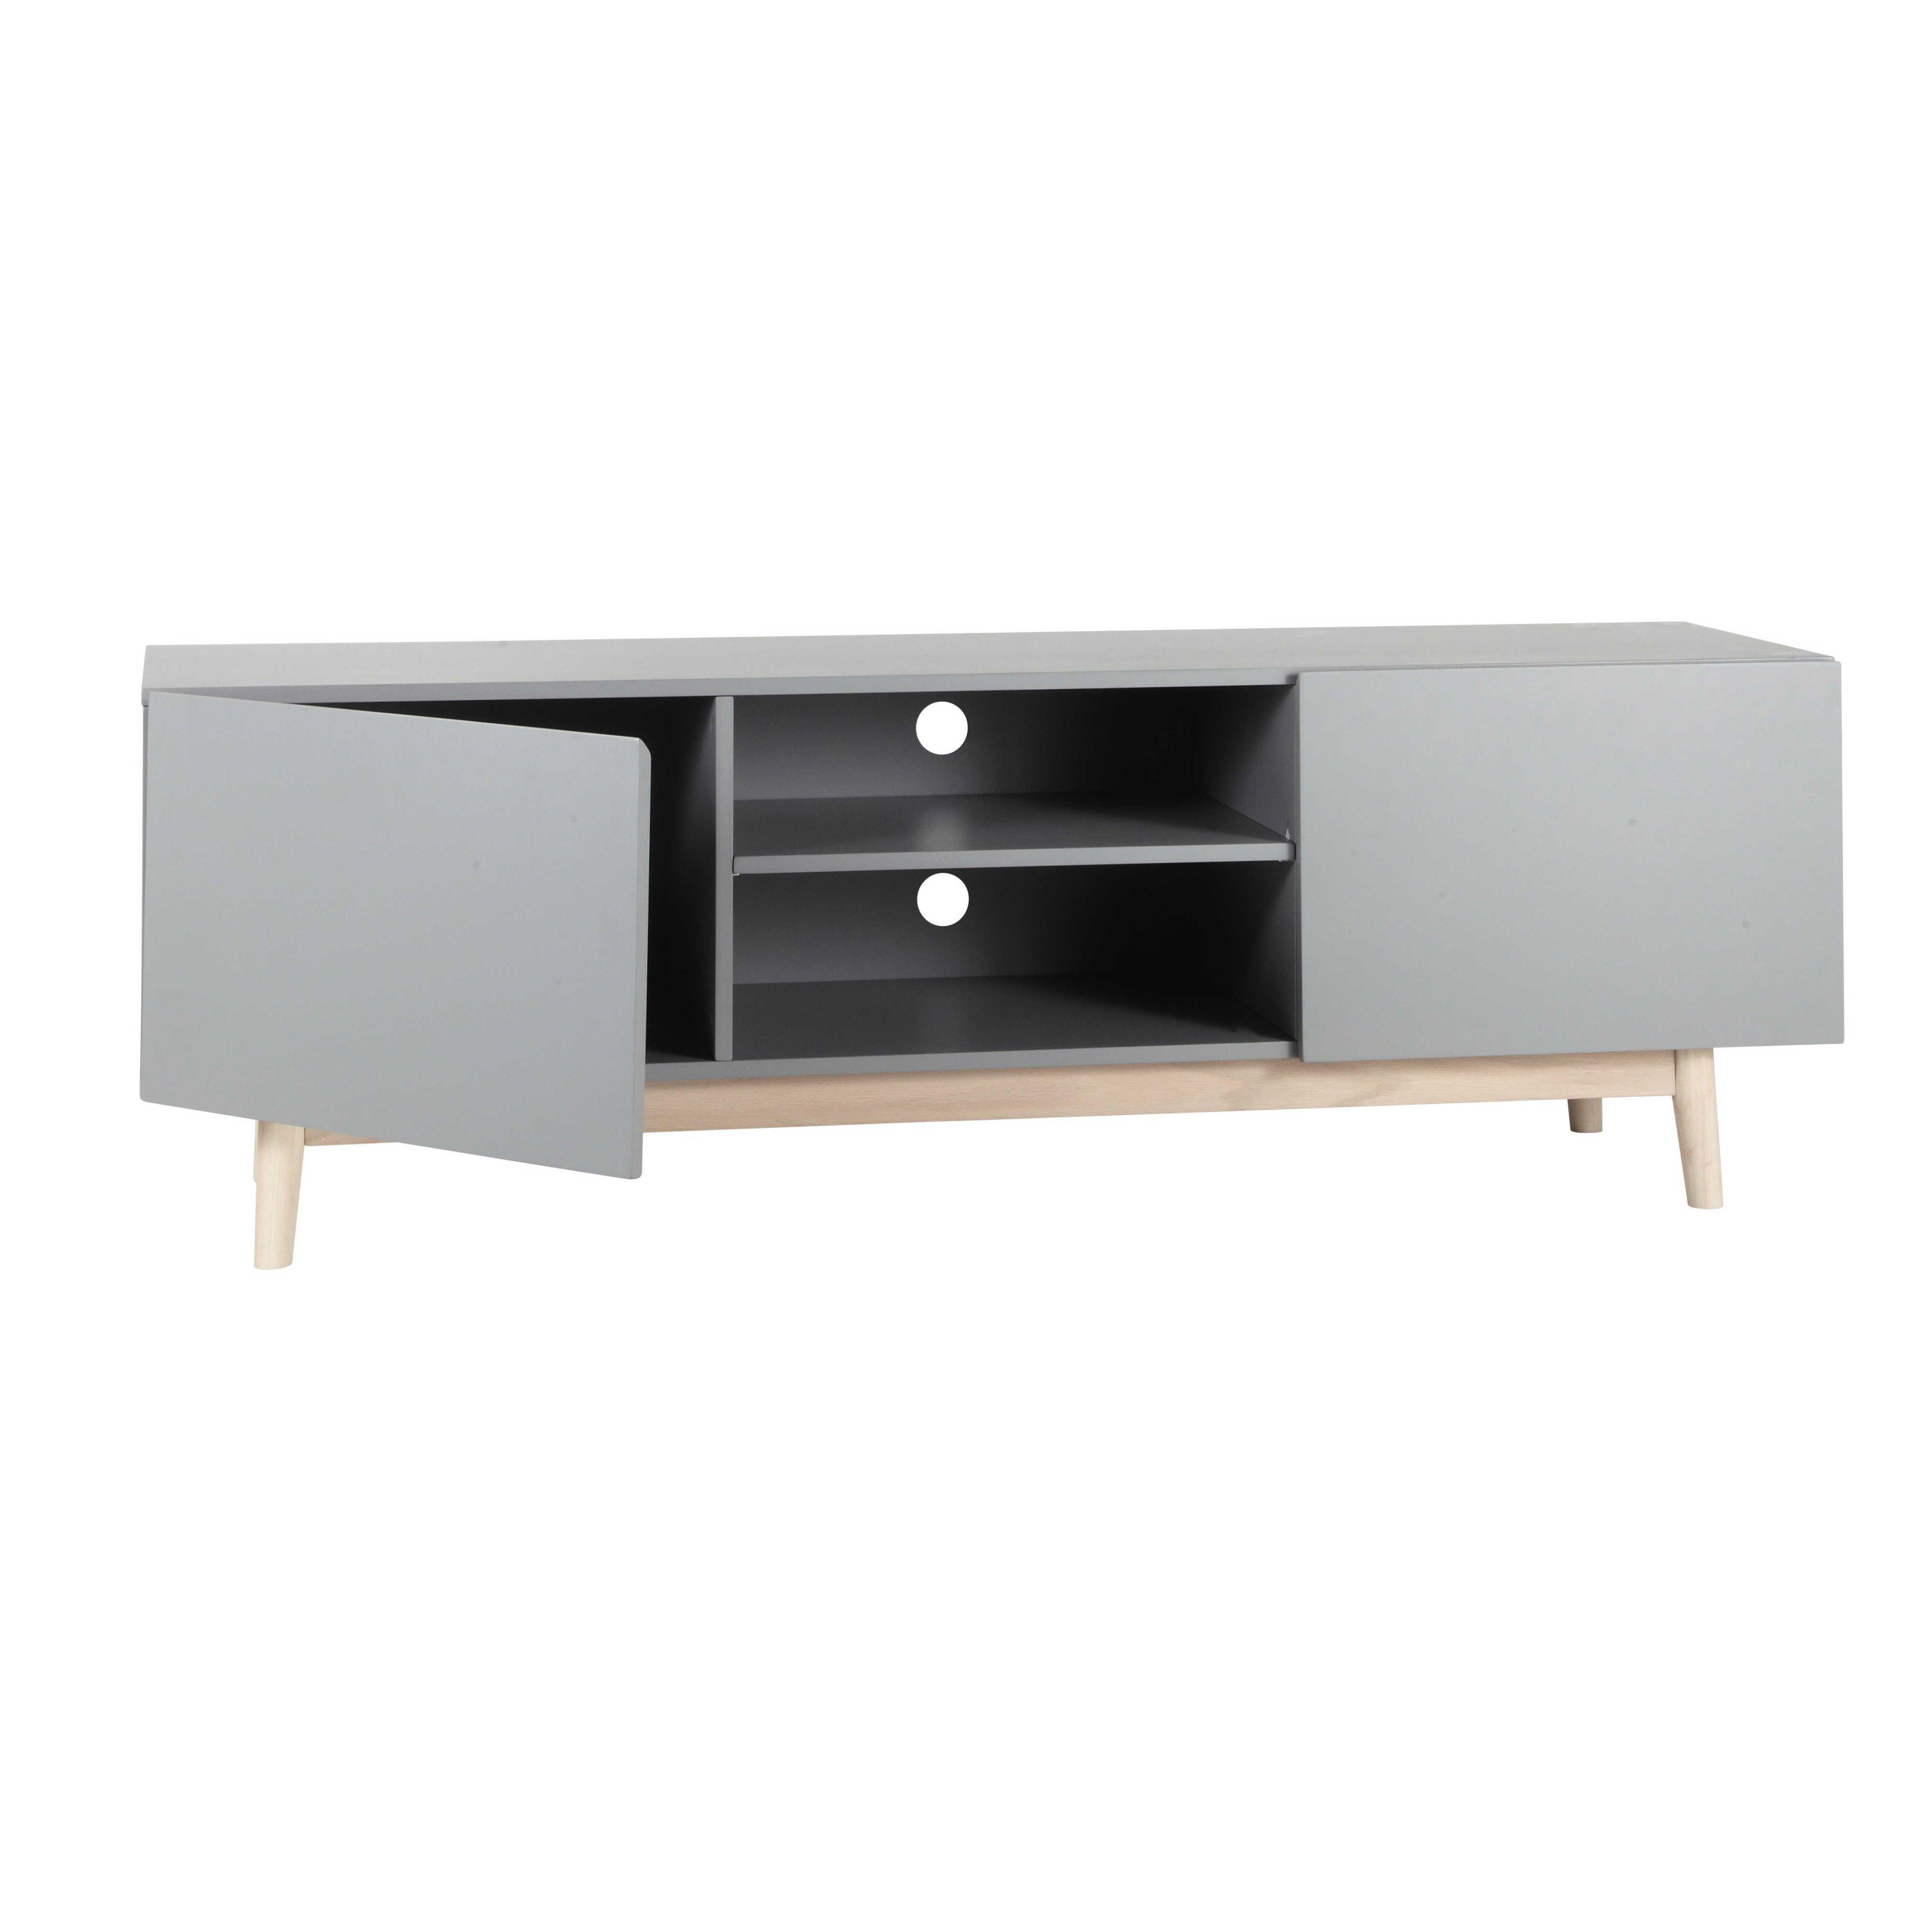 Grijze Scandinavische Tv Meubel In 2019 Su Furniture For